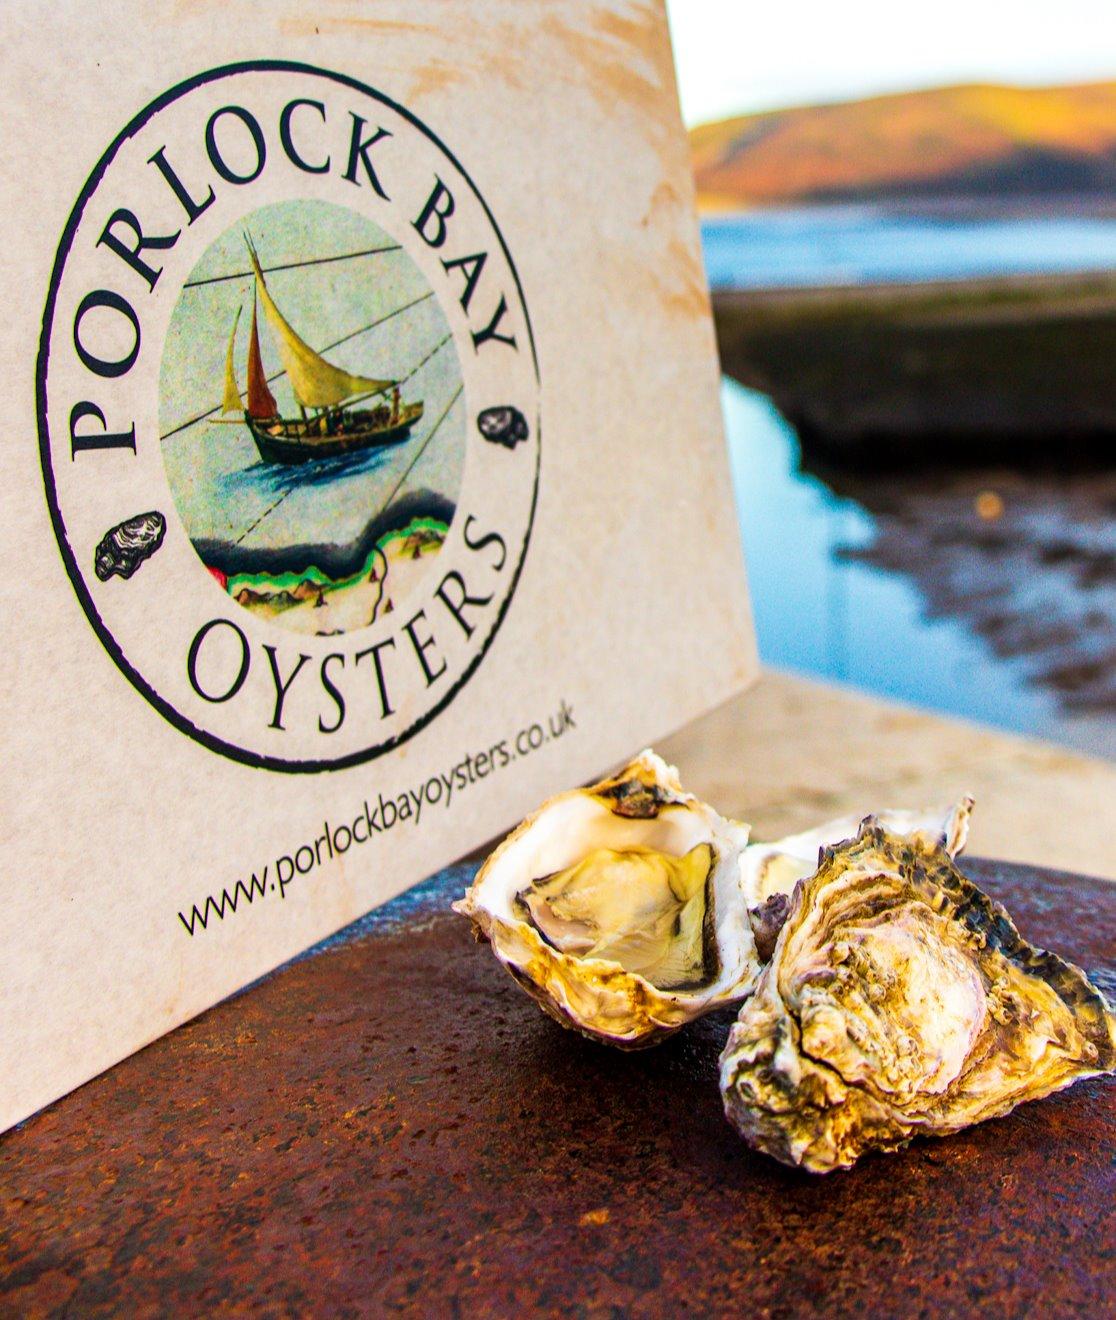 Porlock raw oysters